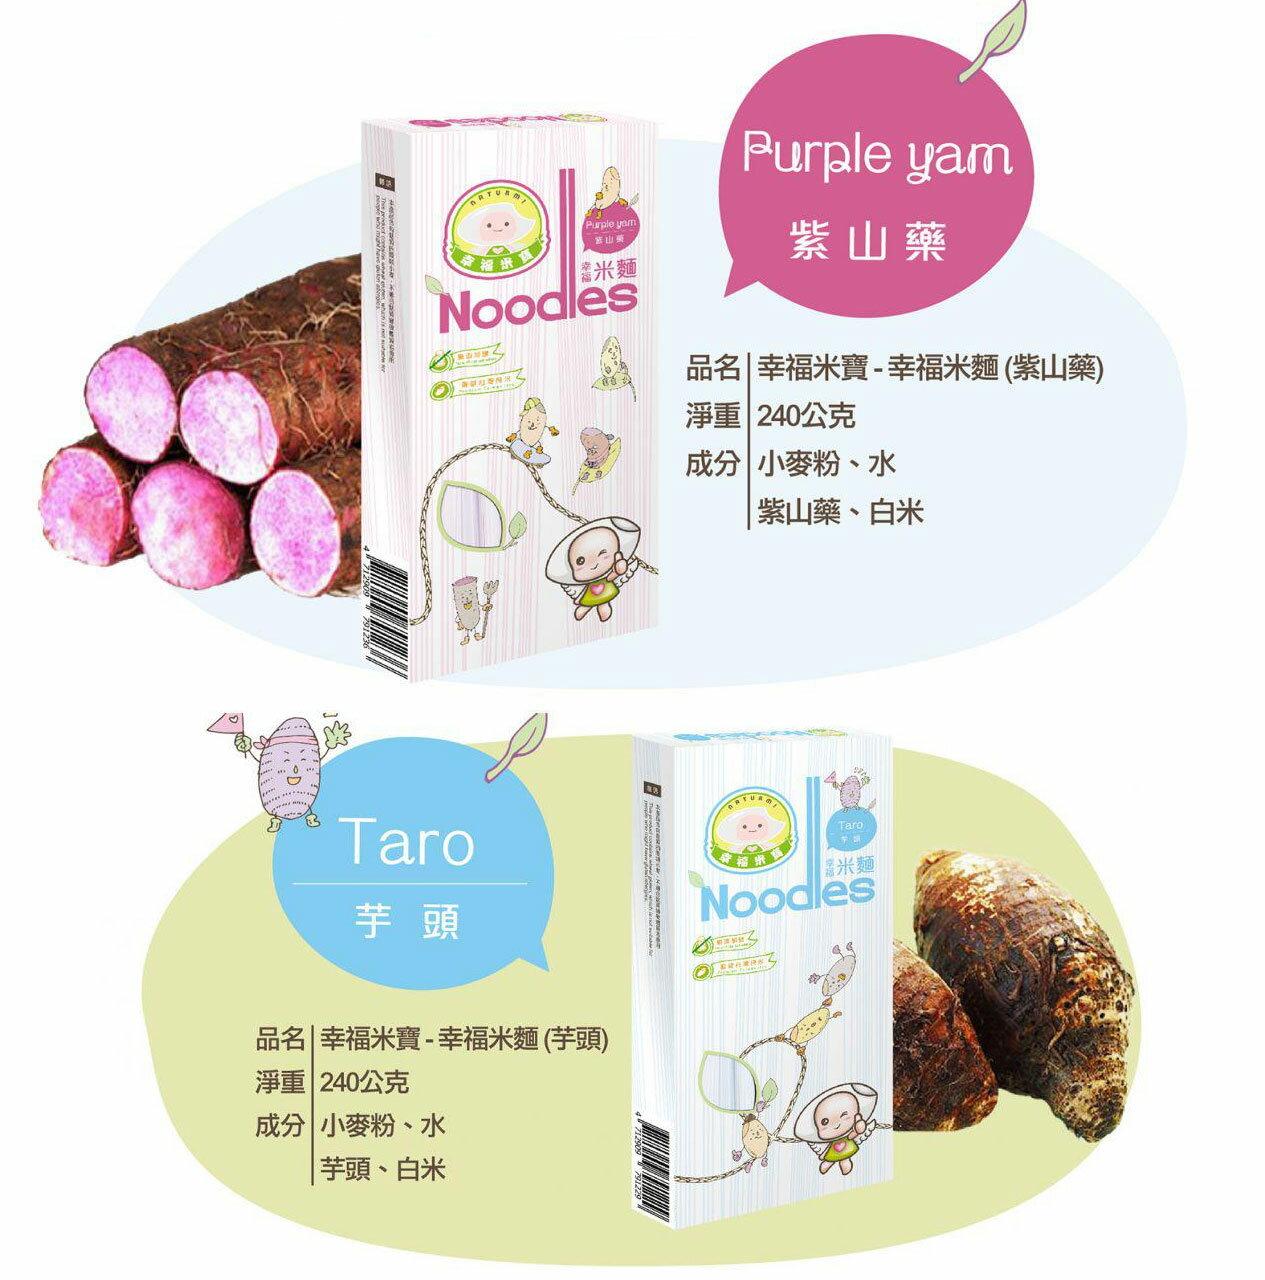 幸福米寶 10m+ 幸福米麵 (南瓜) 240g 副食品  /  離乳食 7